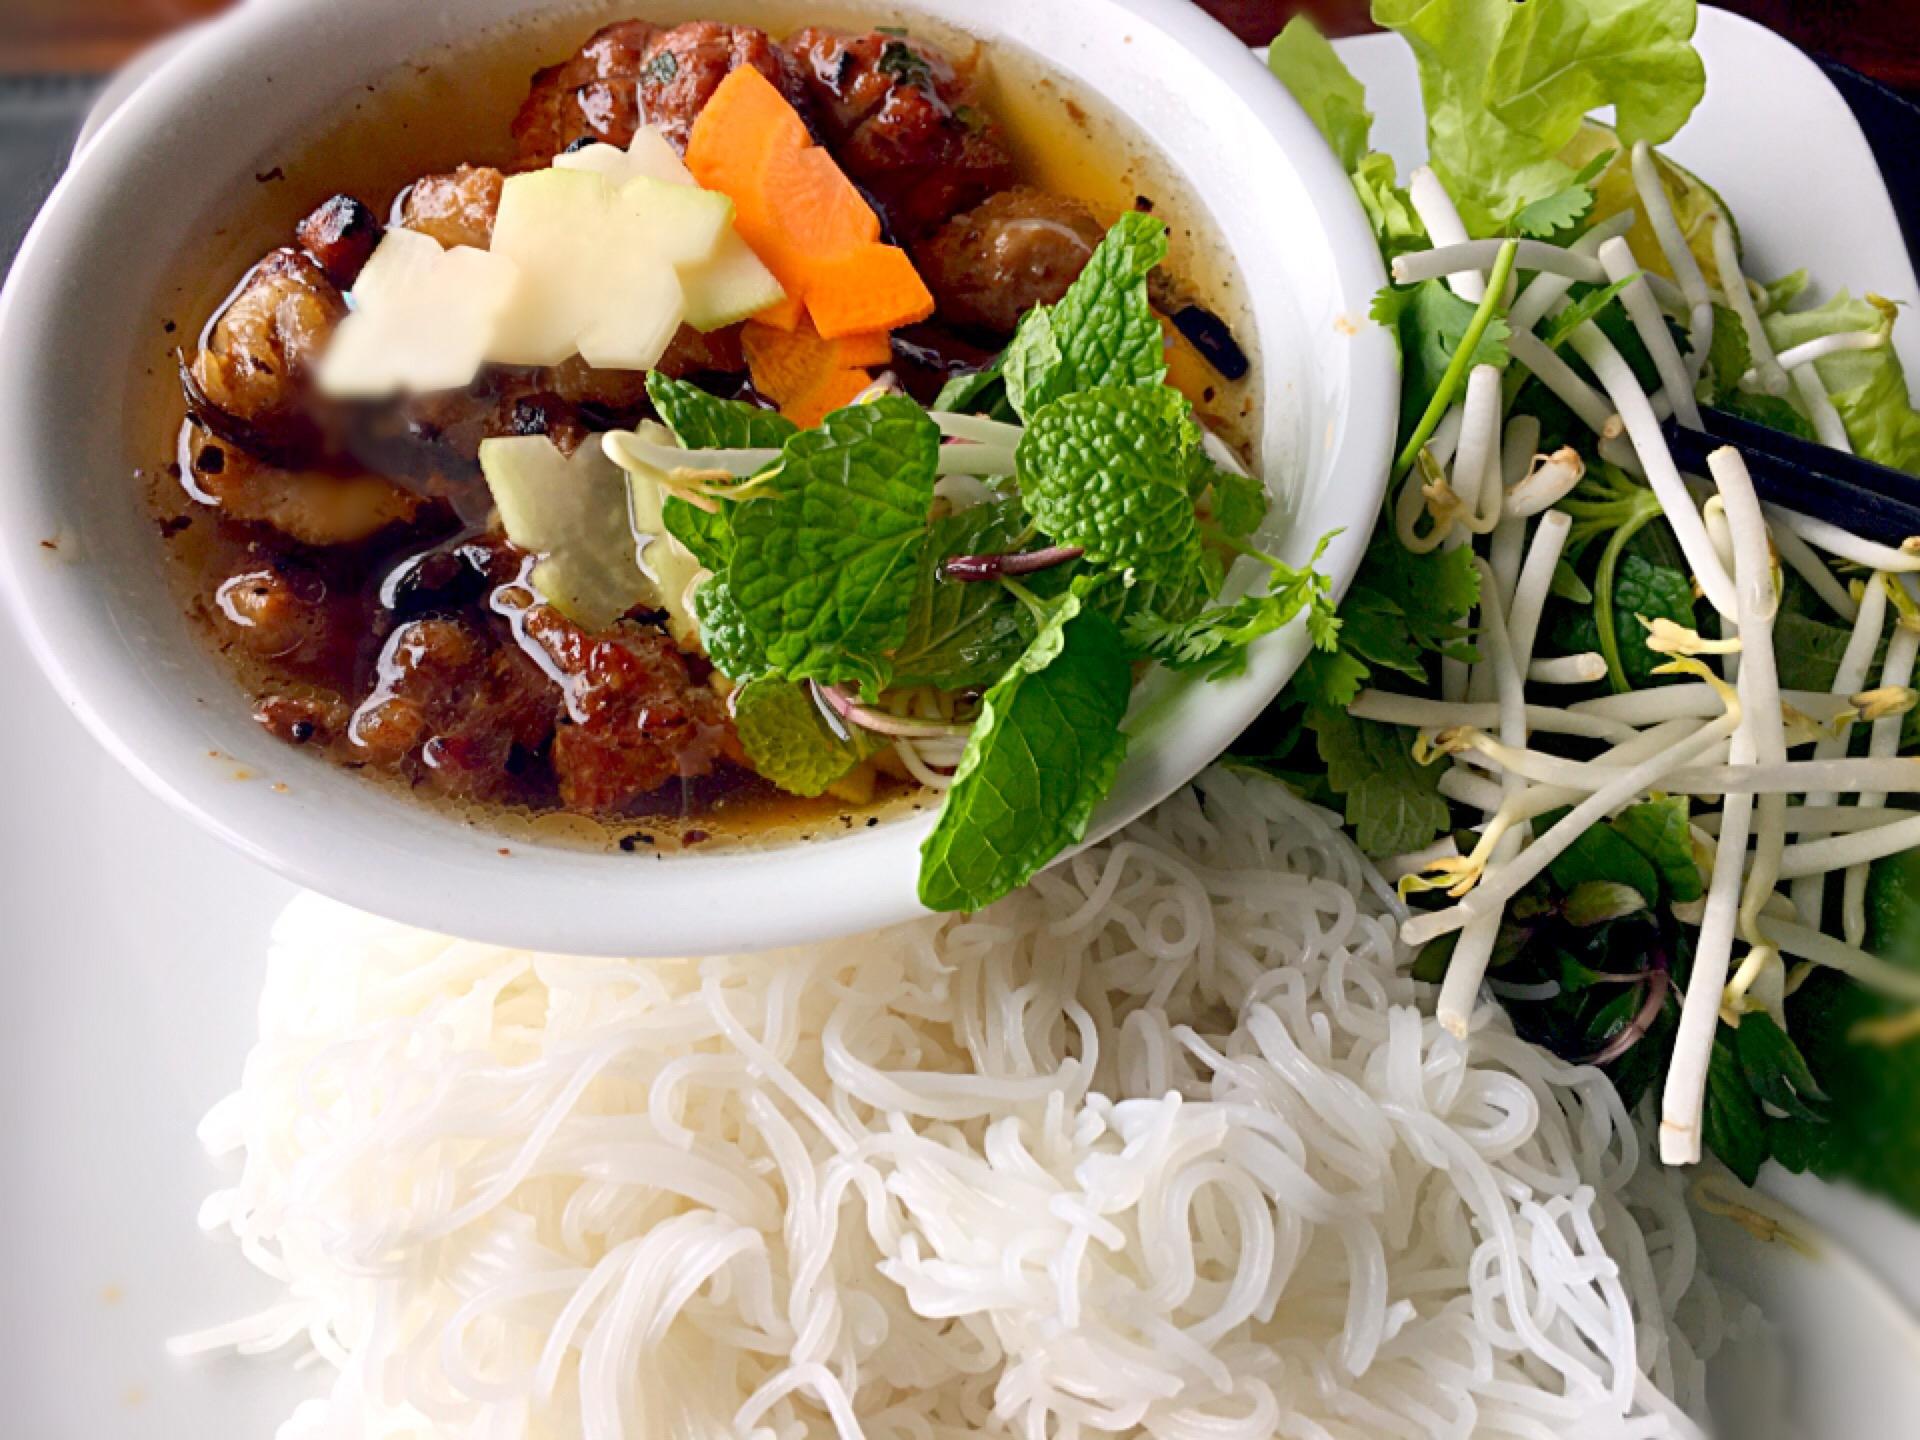 ベトナムの定番つけ麺♪ ブンチャーの食べ方やフォーとの違いを解説